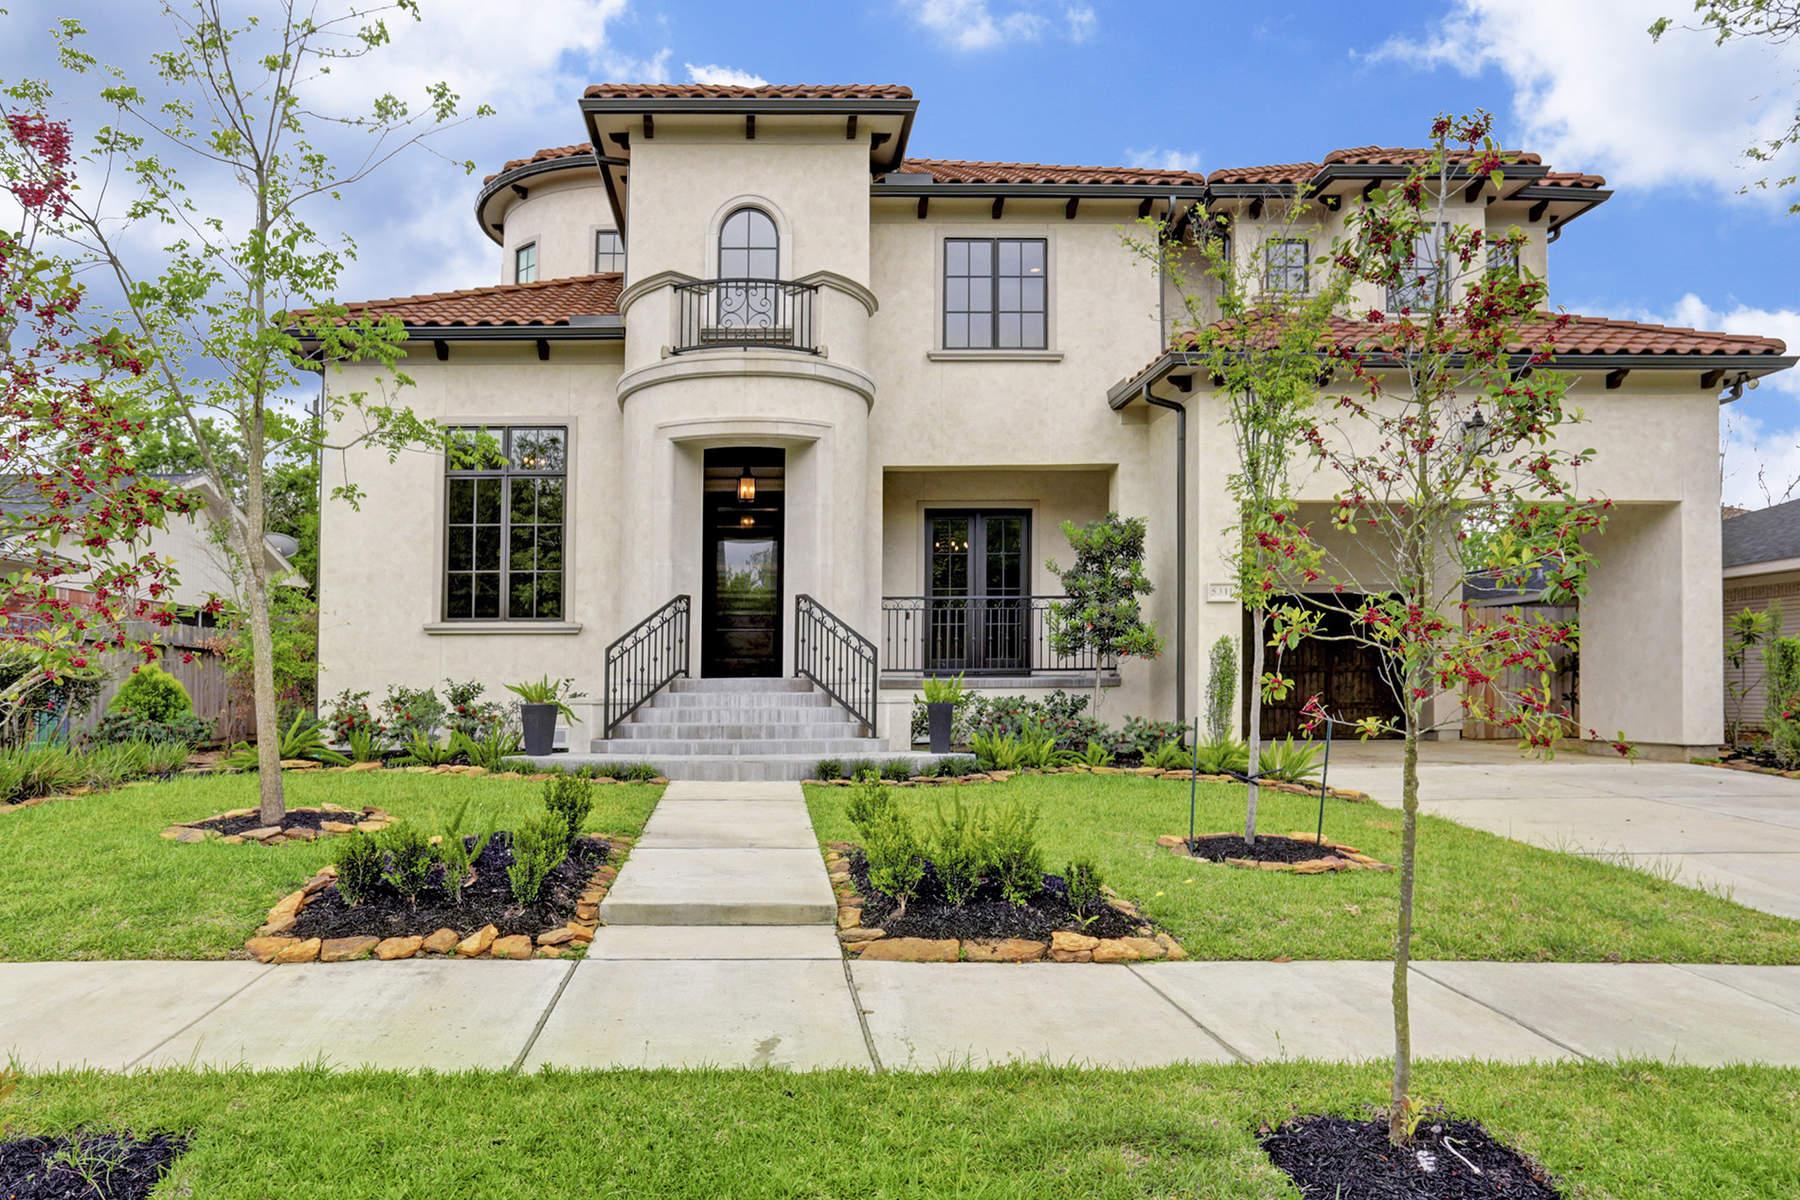 단독 가정 주택 용 매매 에 5311 Maple Street Bellaire, Houston, 텍사스, 77096 미국